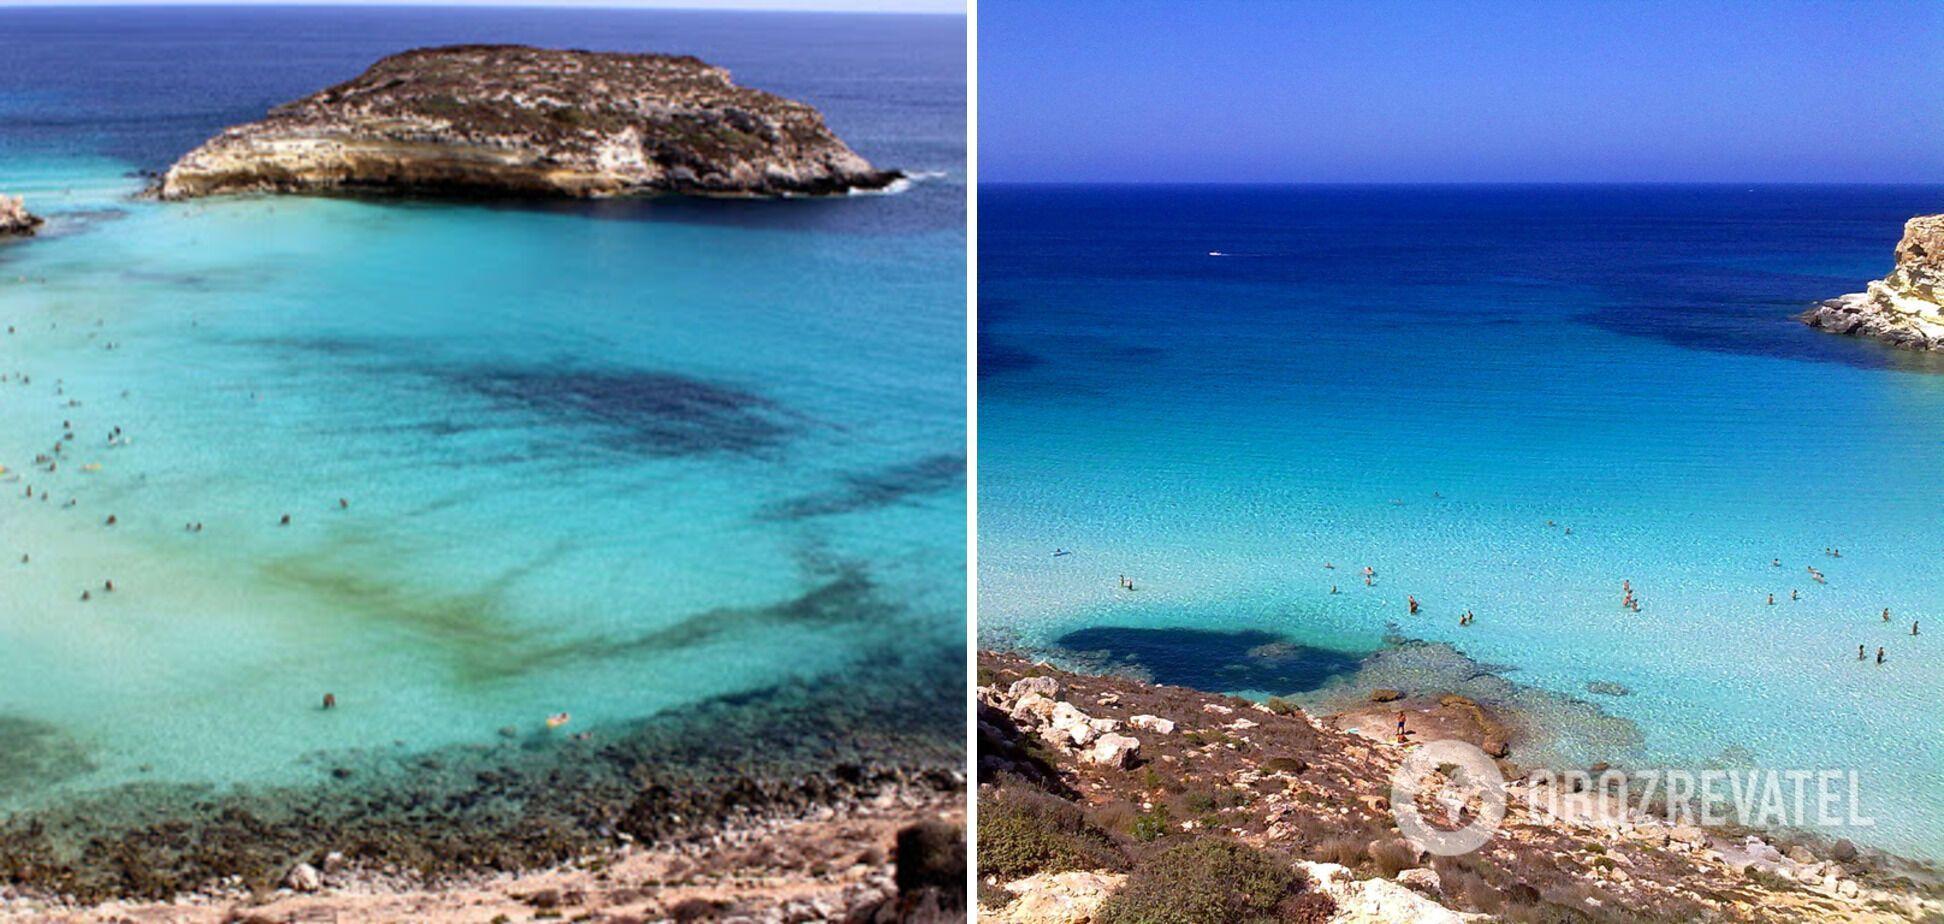 Воду на цьому пляжі називають найпрозорішою у світі.